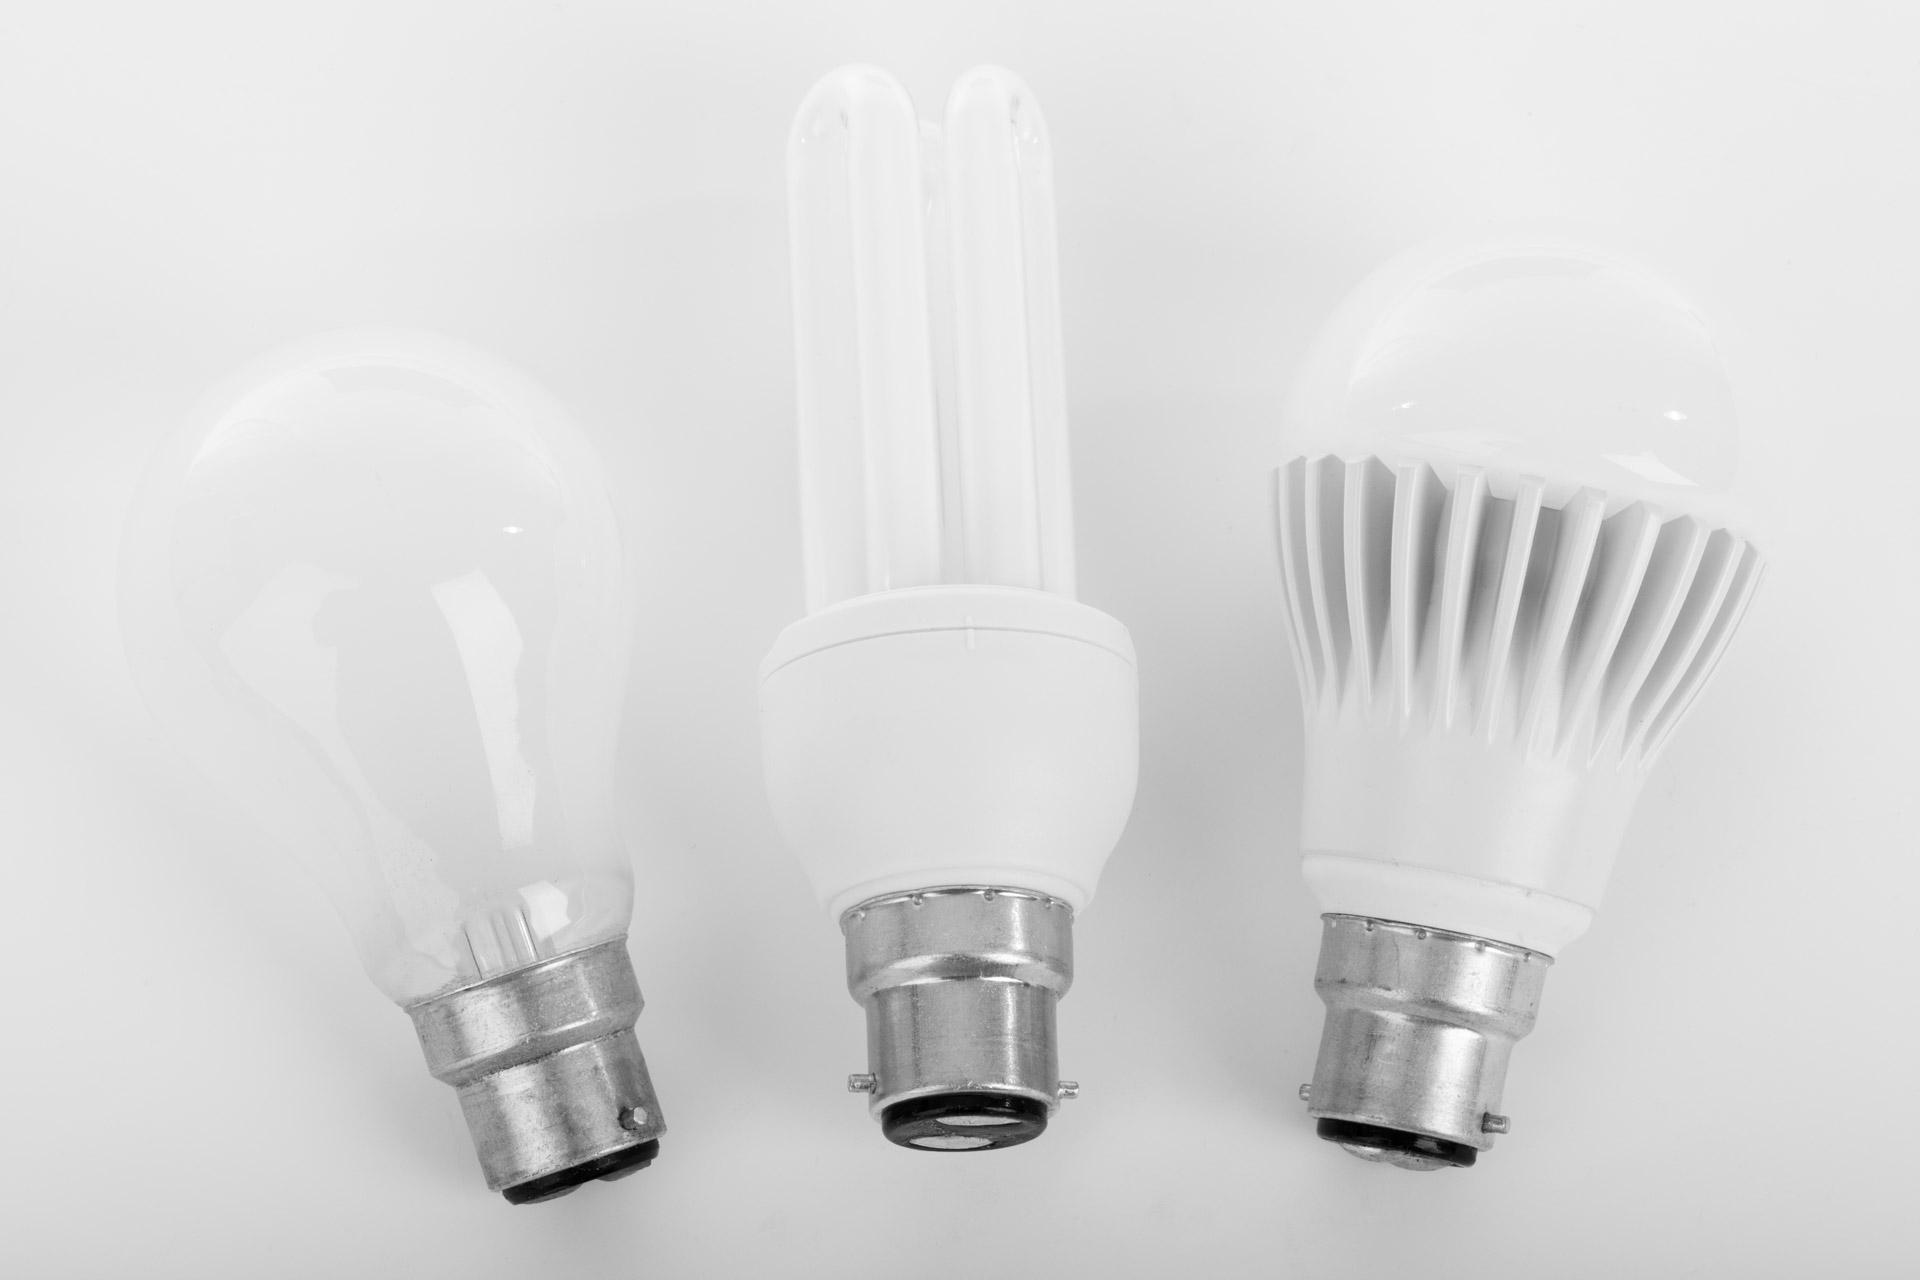 Gebruik minder energie met led lampen